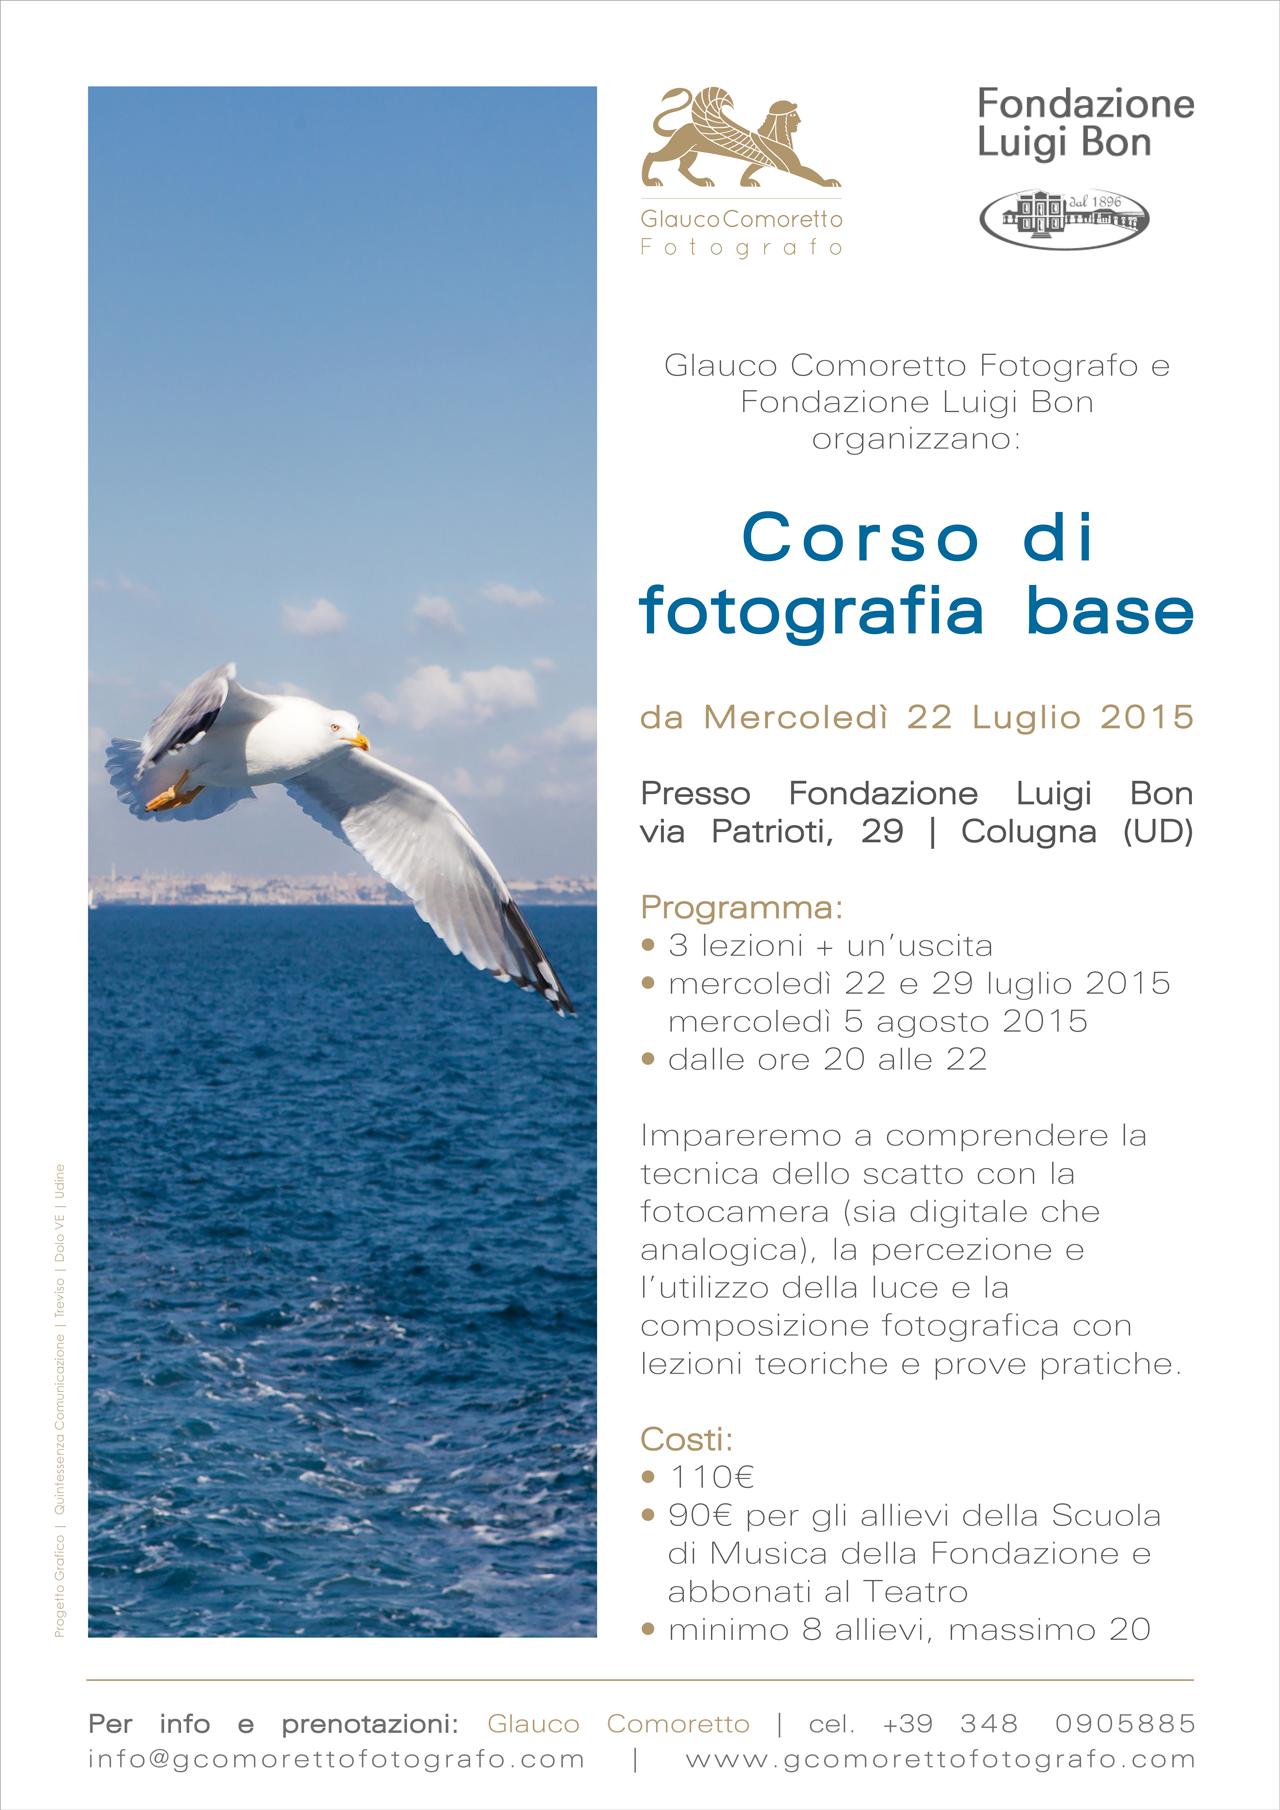 GCF_Corso_Foto_Base_Bon_2015_Locandina_Rev2